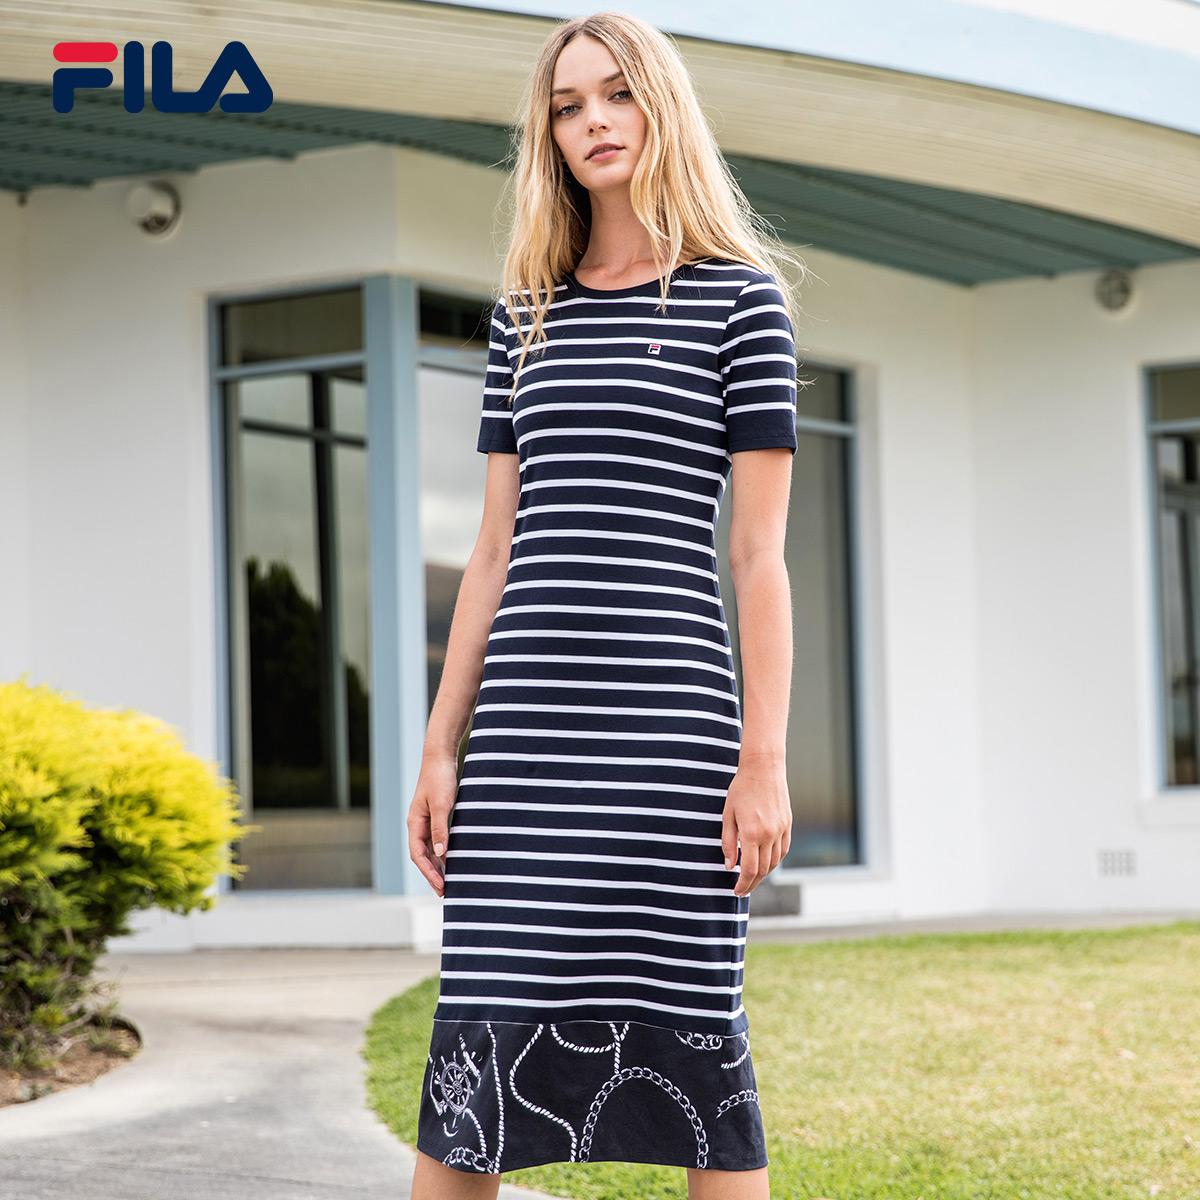 Fila váy Fila 2018 mùa hè mới Casual thoải mái thể thao ăn mặc | F11W828317F